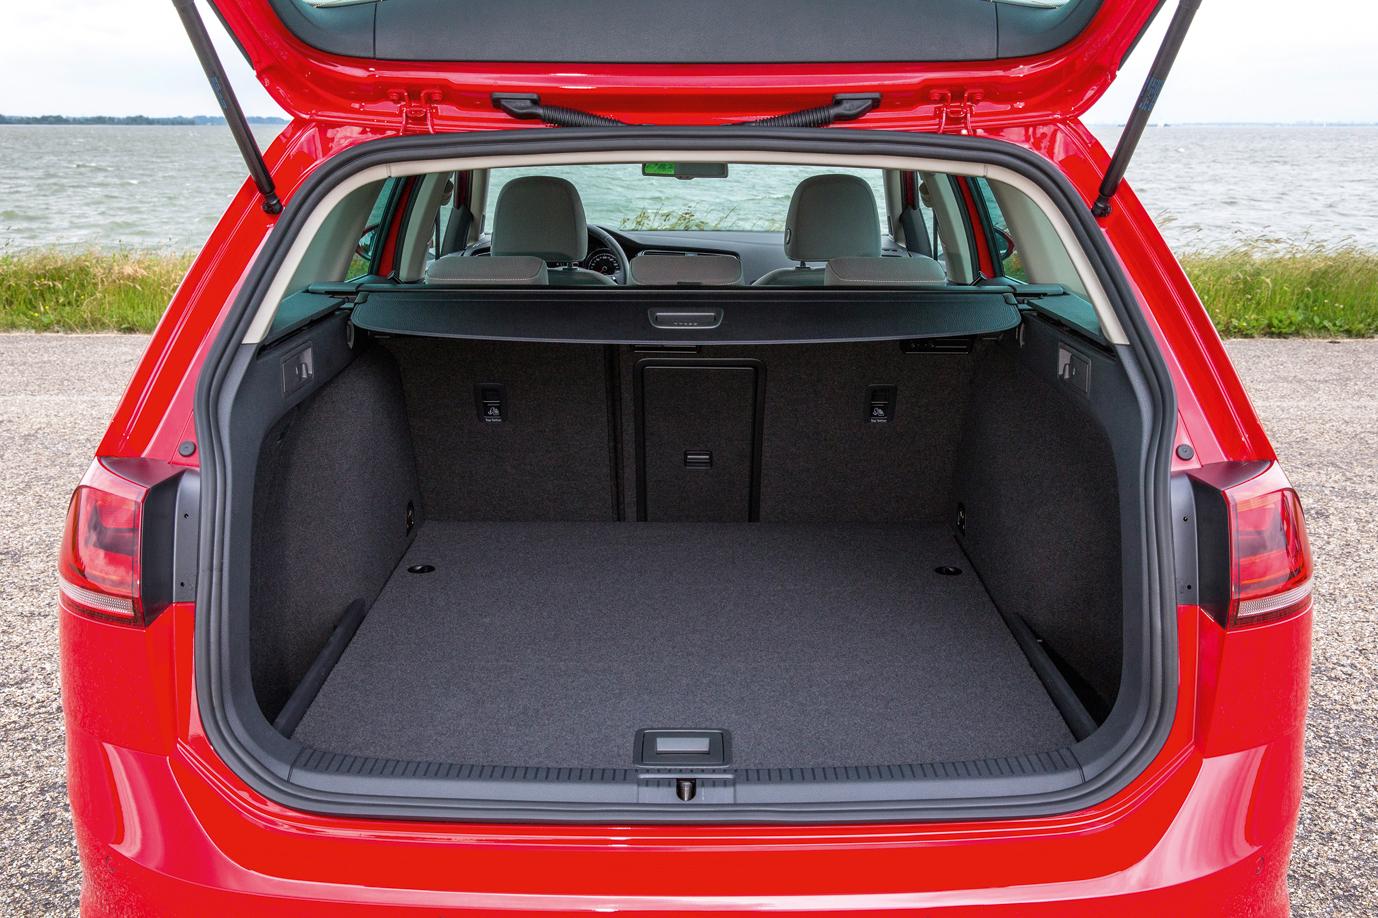 volkswagen golf variant lan ado no brasil com motor 1 4. Black Bedroom Furniture Sets. Home Design Ideas